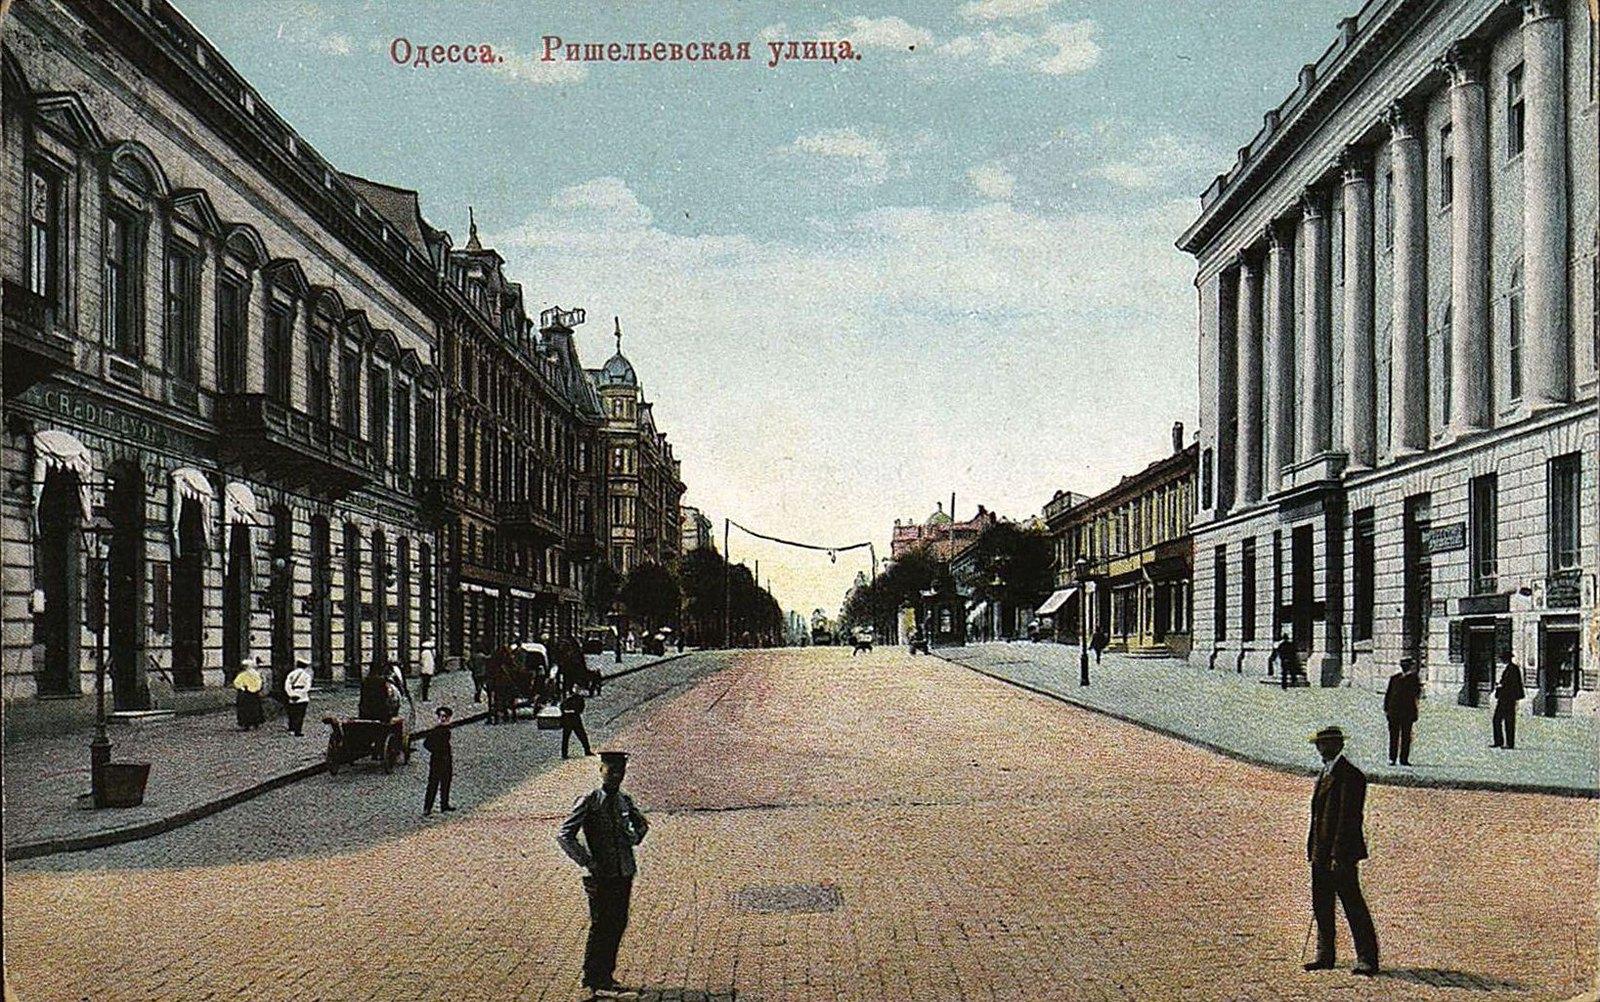 Ришельевская